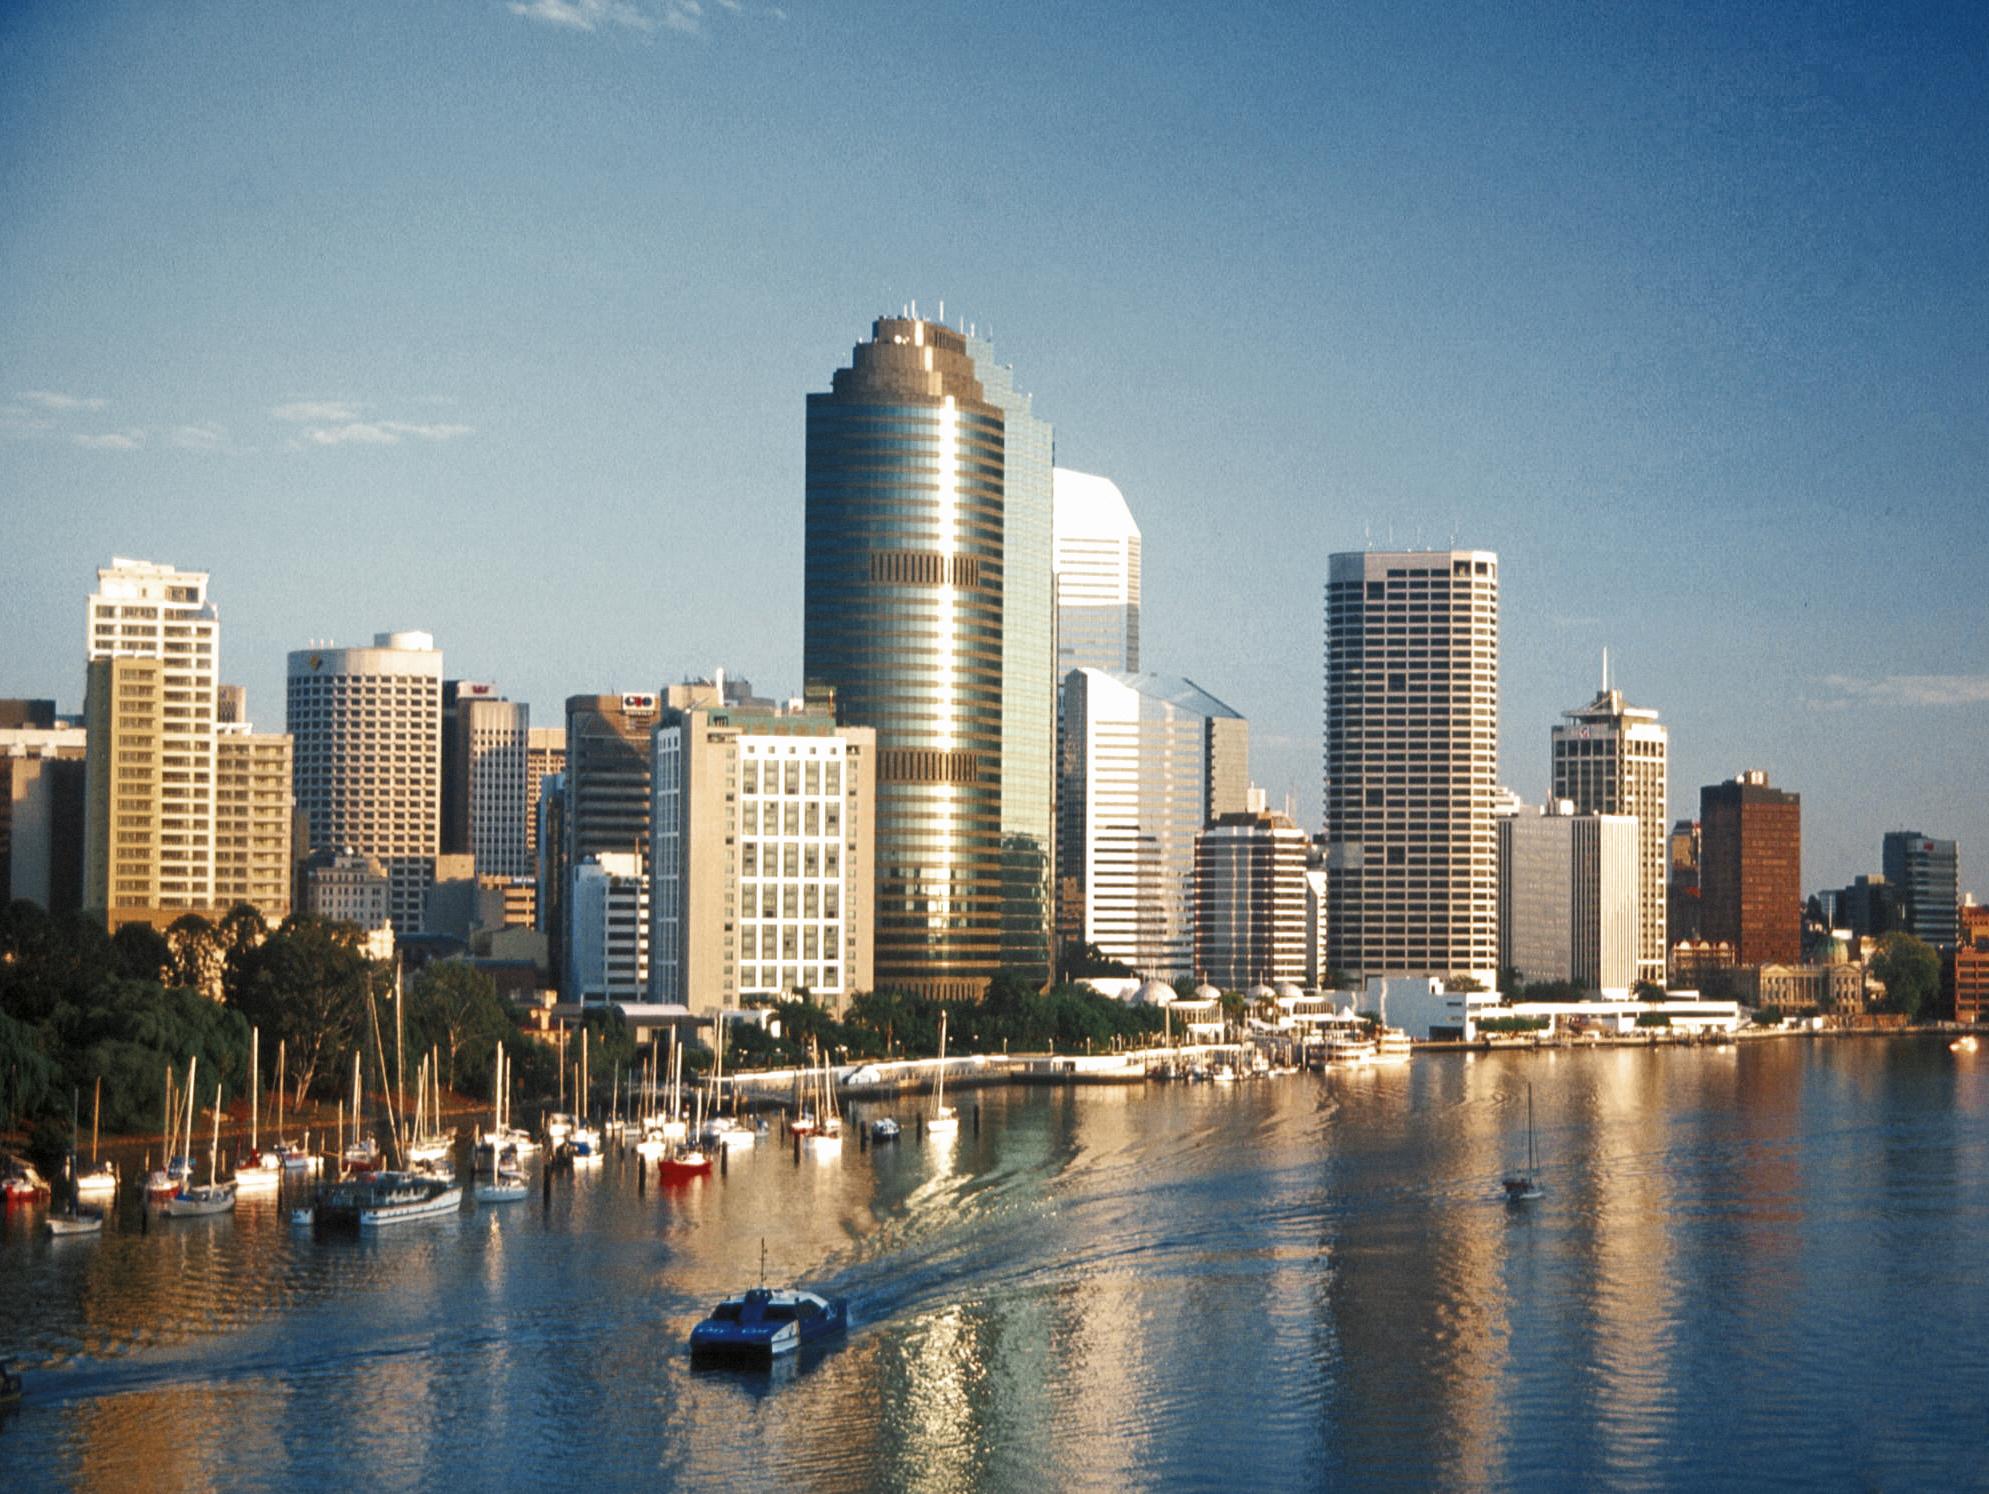 クイーンズランド州の州都ブリスベンは、オーストラリアで3番目に大きな都市!